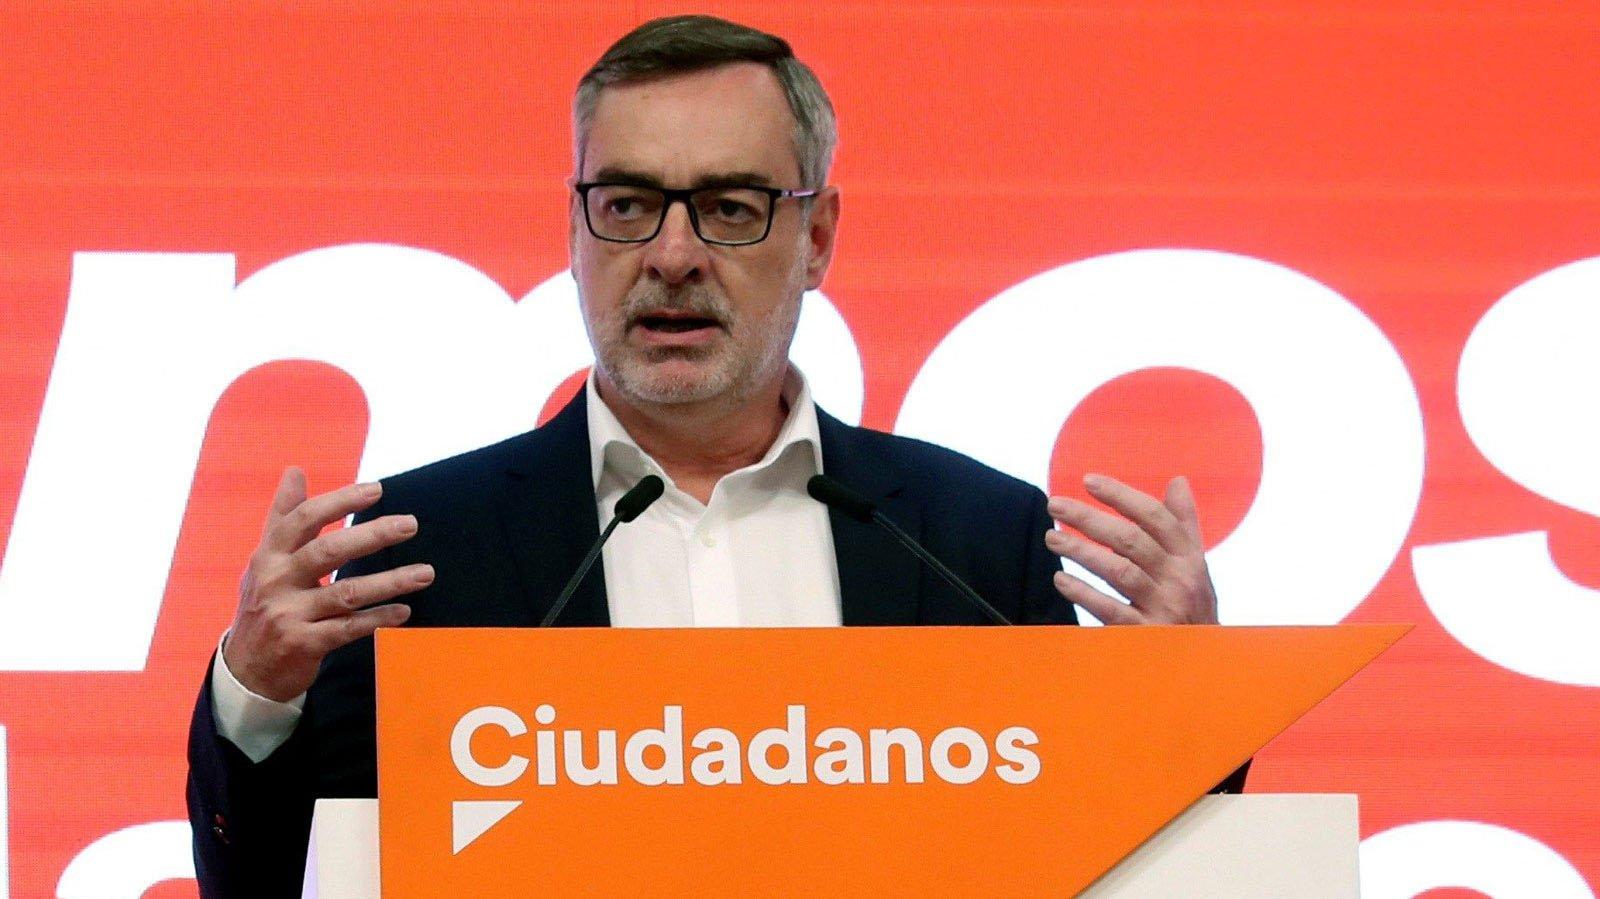 Villegas. Otra baja tras Rivera y... las elecciones: Villegas dejará la dirección de Cs cuando se elija a un nuevo presidente